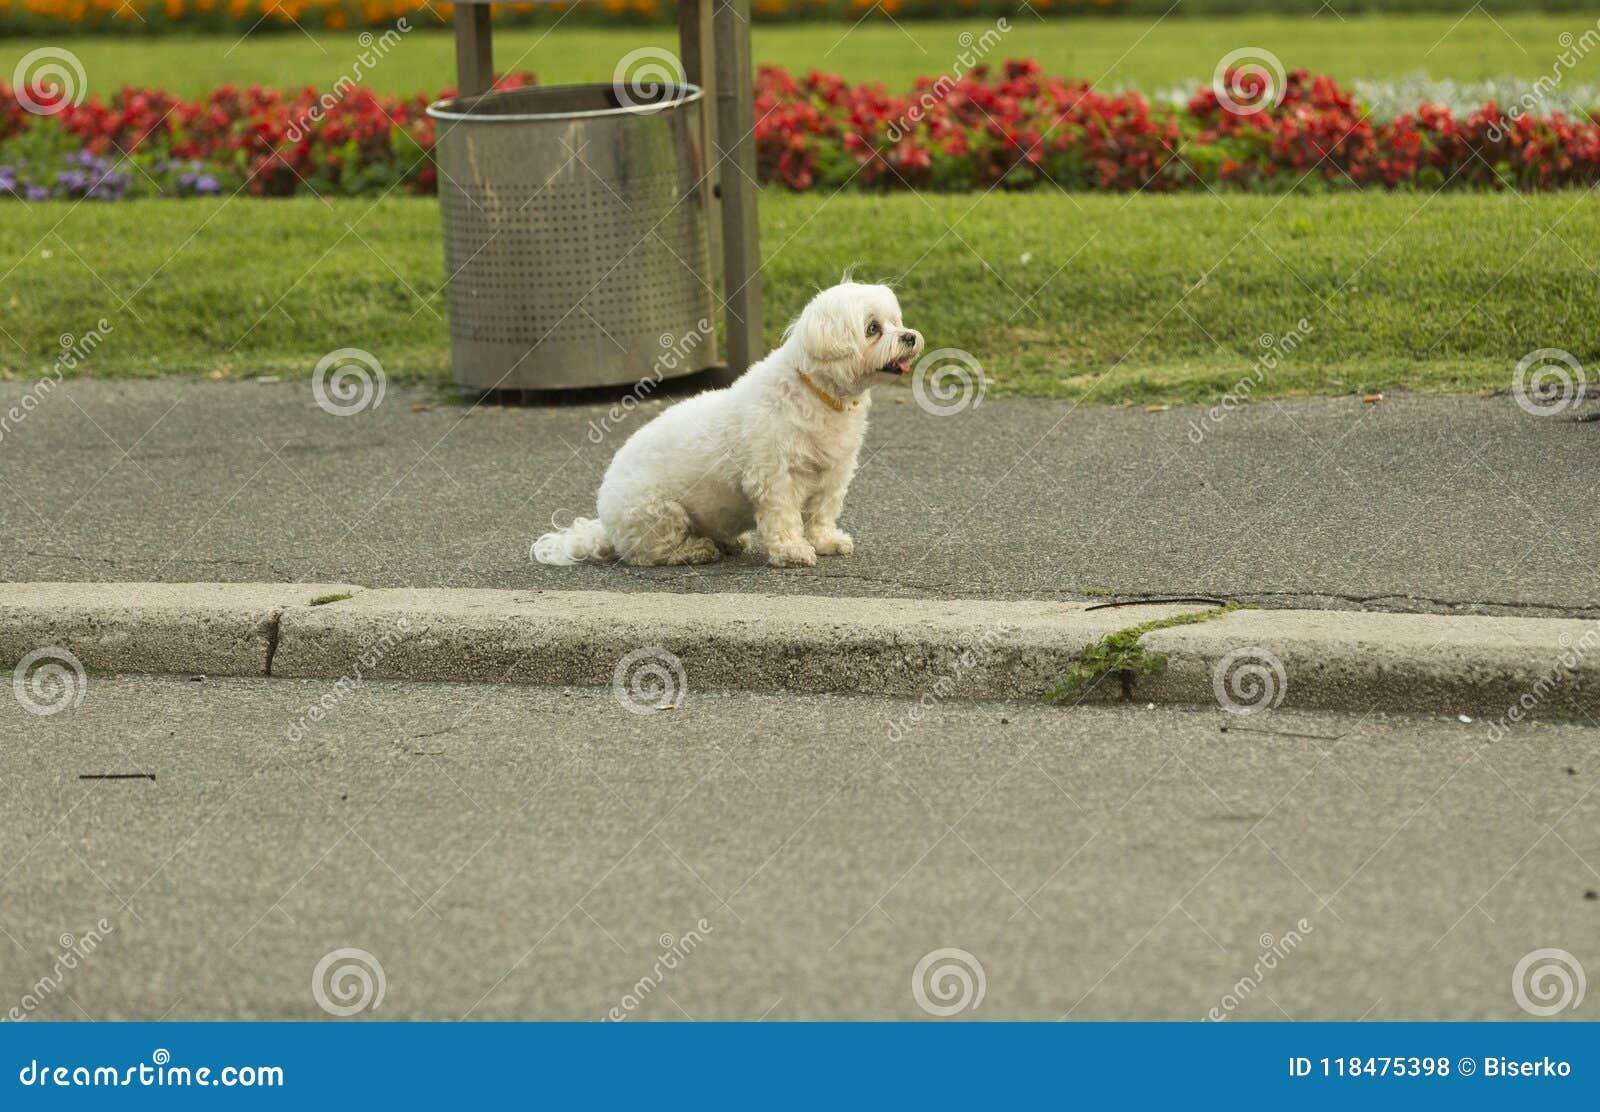 Perro blanco solitario en la calle